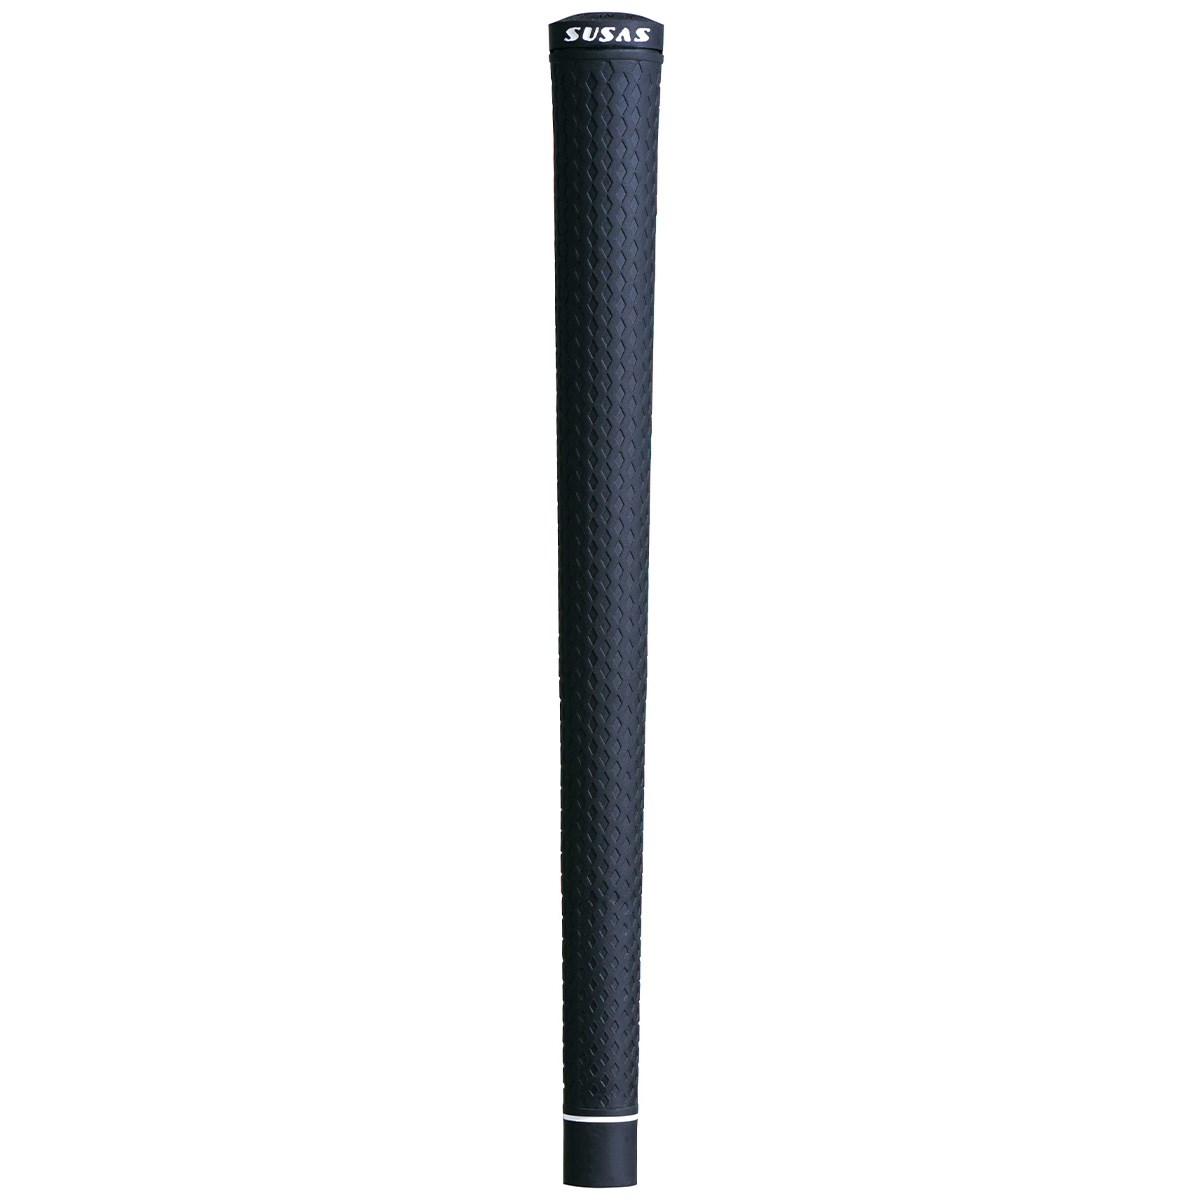 スウサス SUSAS 芹澤プロ・藤田プロ監修 アスリートモデルTYPE3 SUSAS UTM 360タイプ グリップ 無し M60 長さ:268mm ブラック